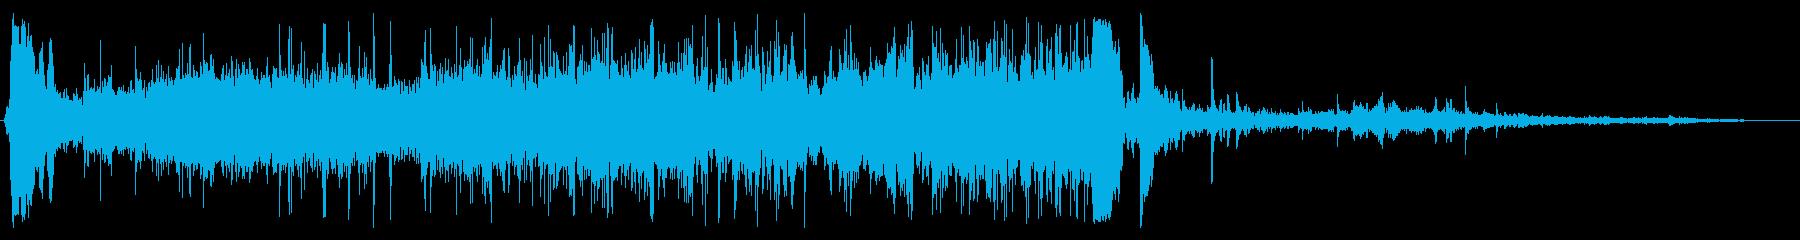 洗面所の水を出している音の再生済みの波形